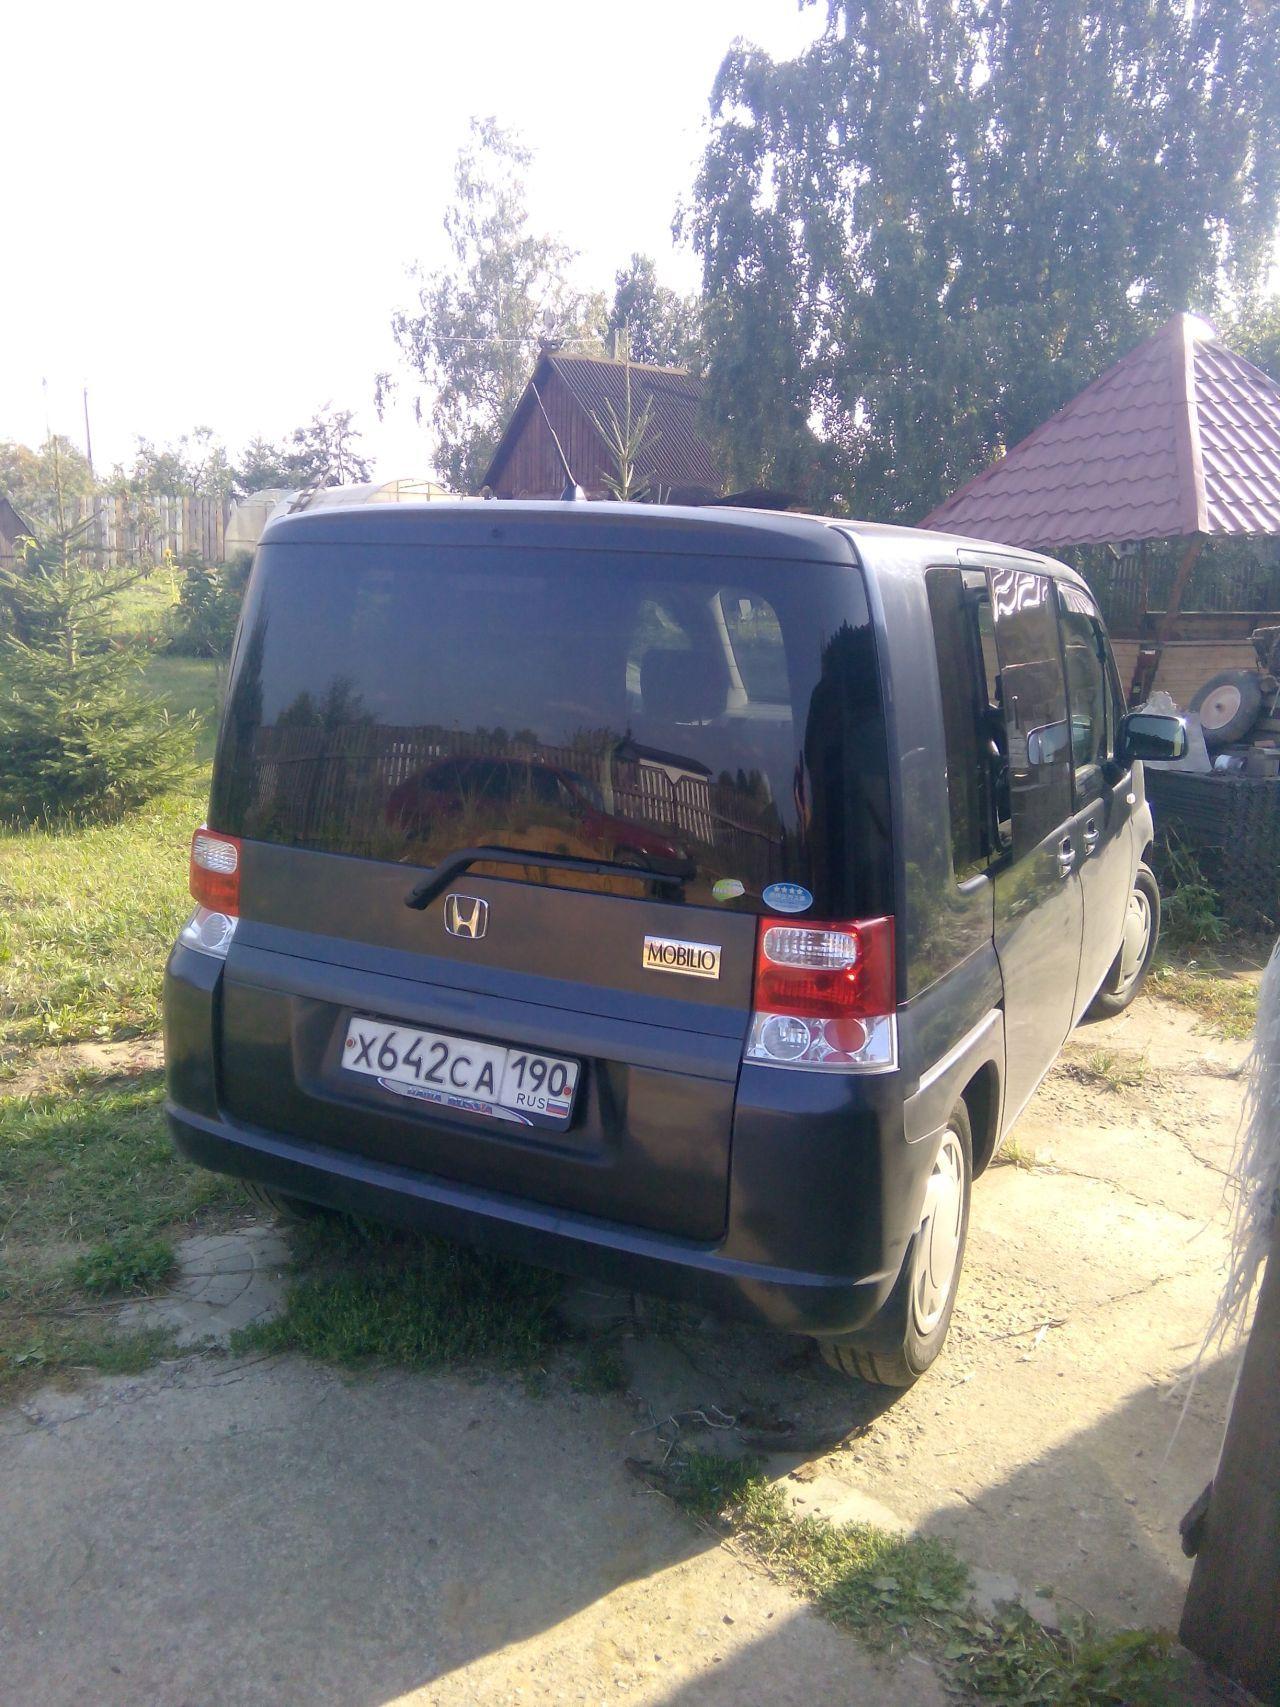 Honda Mobilio 2006, 1.5 литра, Привет всем любителям японцев, CVT, расход 8.0, бензин